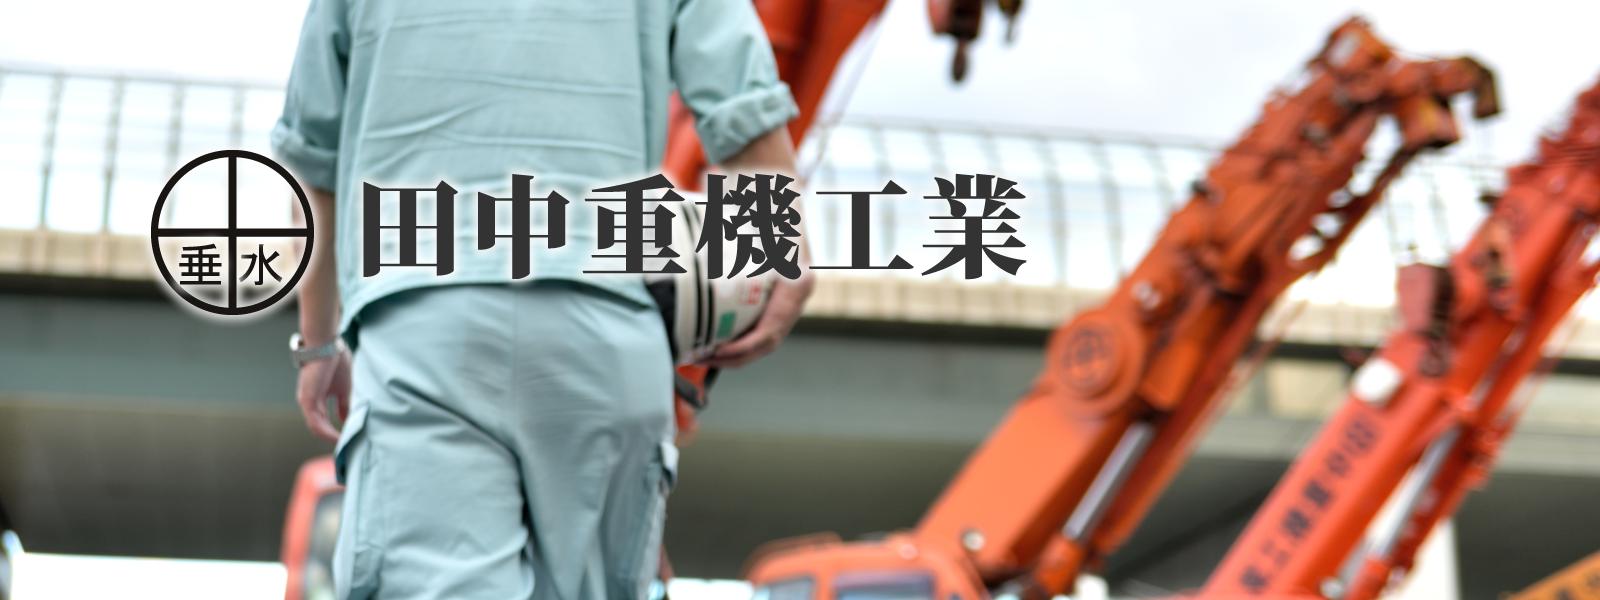 株式会社田中重機工業